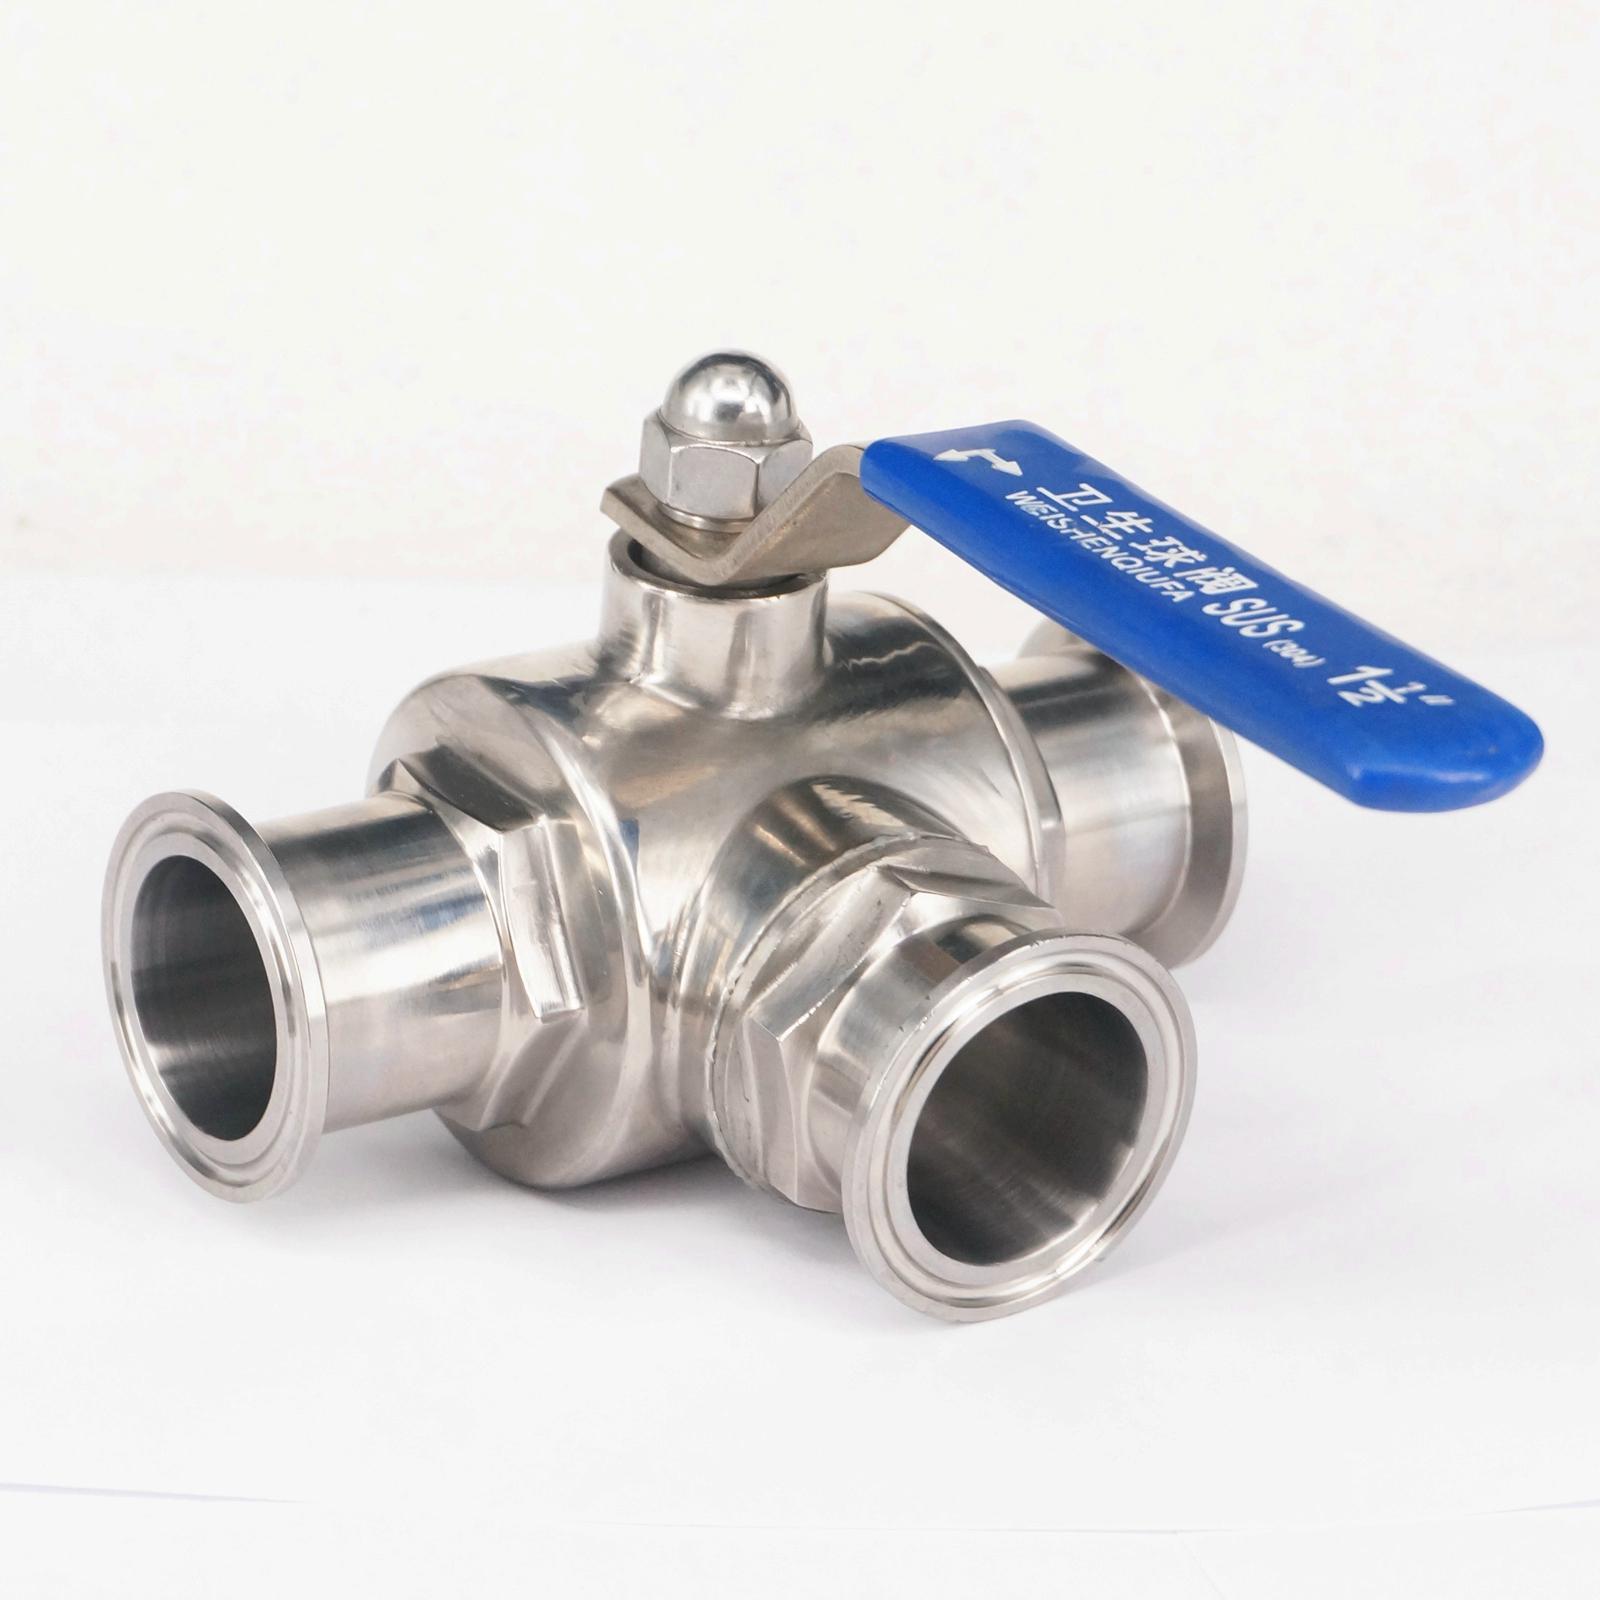 1-1/2 38mm 304 En Acier Inoxydable Sanitaires 3 Façon L port Ball Valve 1.5 Tri Clamp Bague Type Pour Homebrew Journal Produit